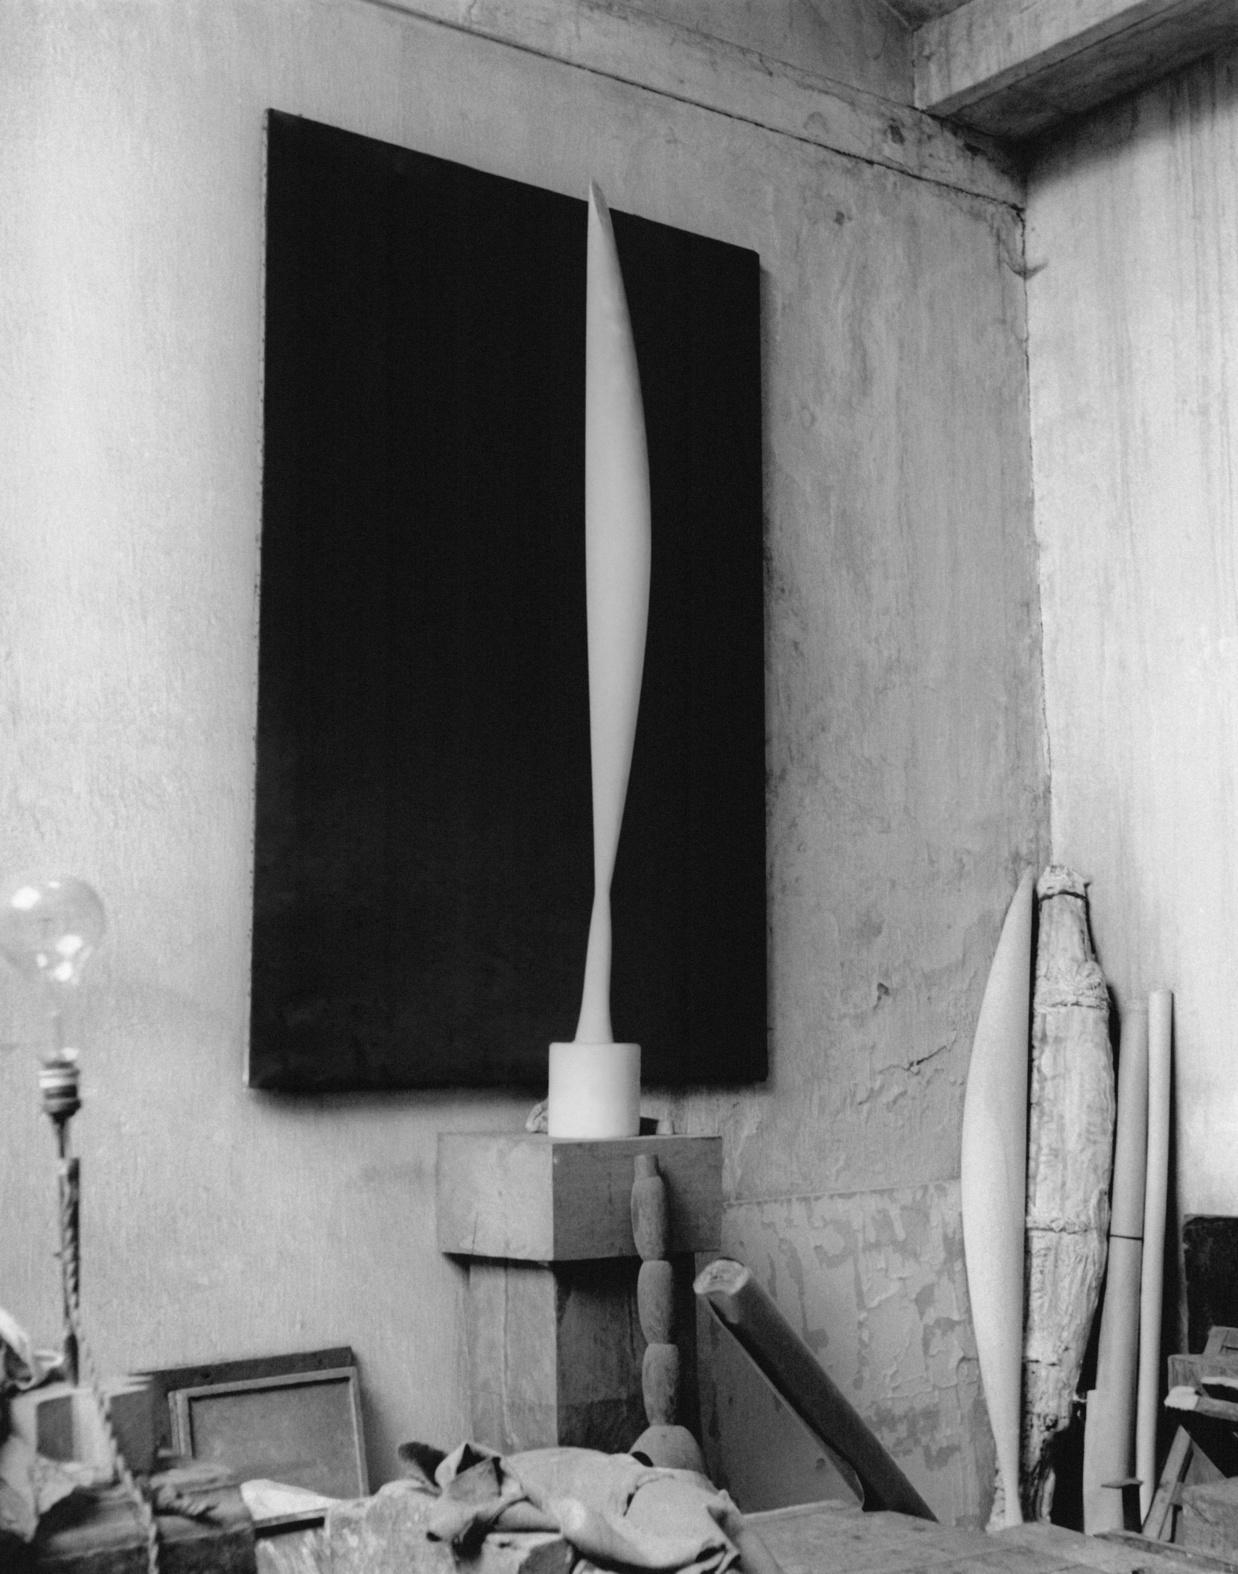 """""""L'oiseau dans l'espace"""" (1923) photographié dans l'atelier parisien de Brancusi, Getty Images/iStock"""